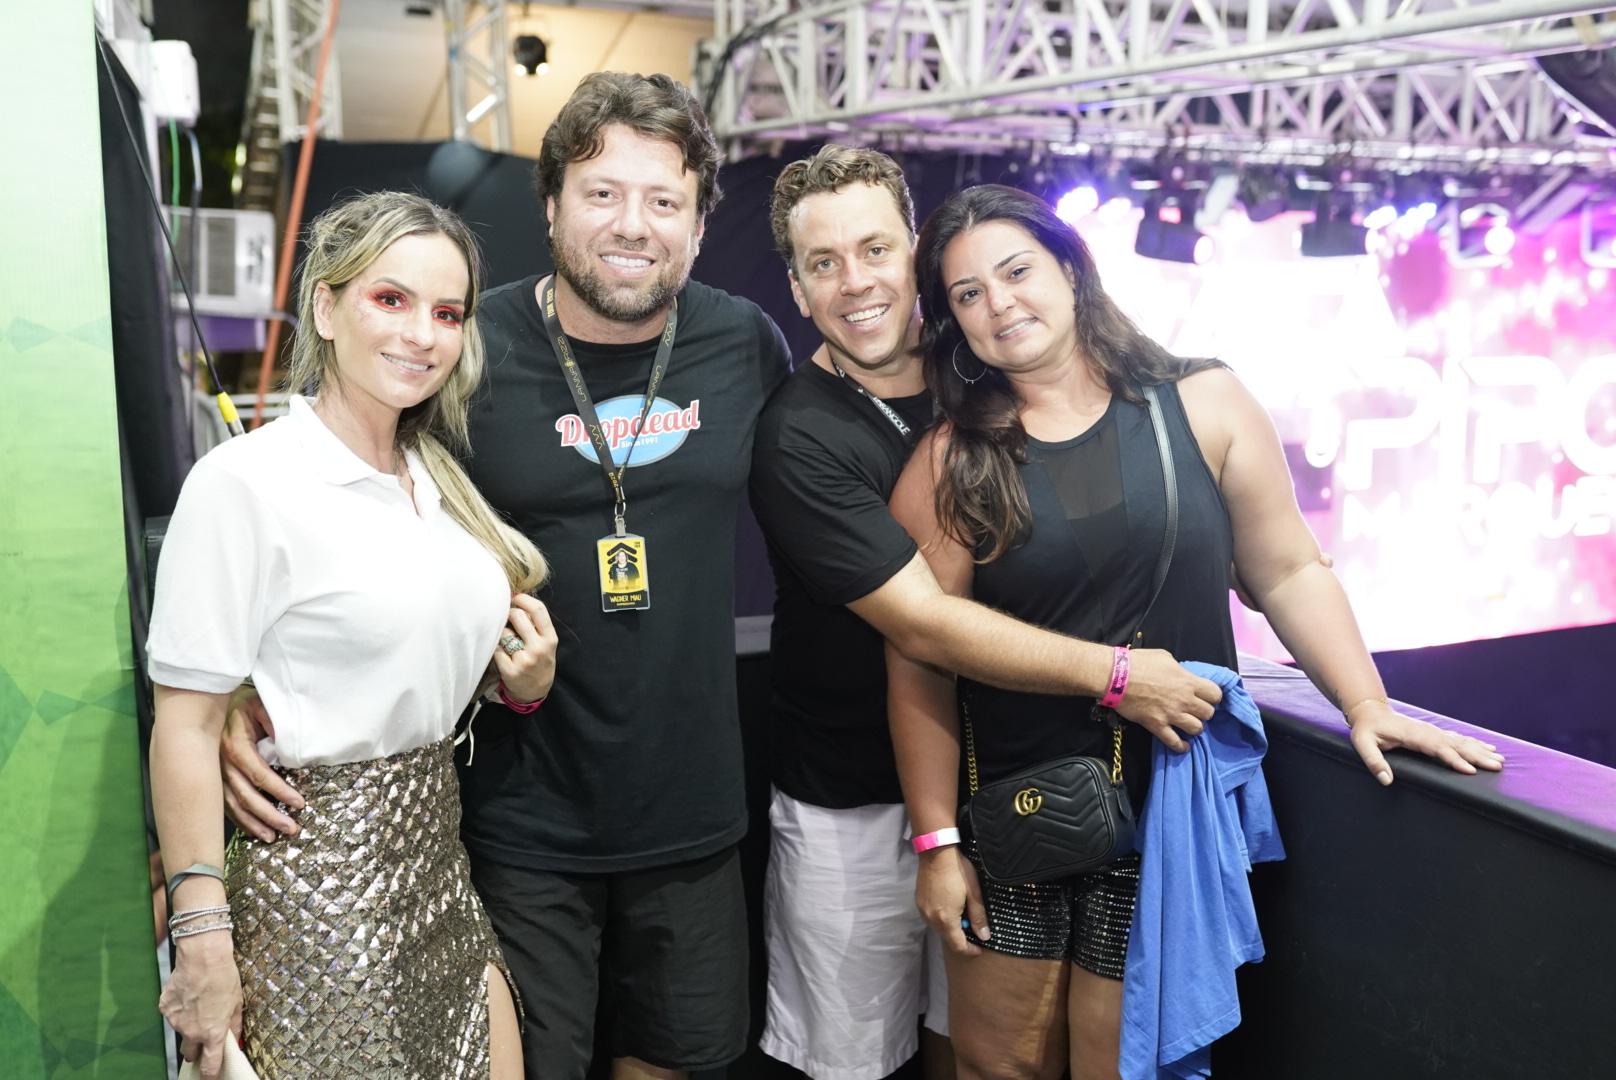 Bruna Martins, Vagner Miau, Marcelo Brito e Uliana Brito